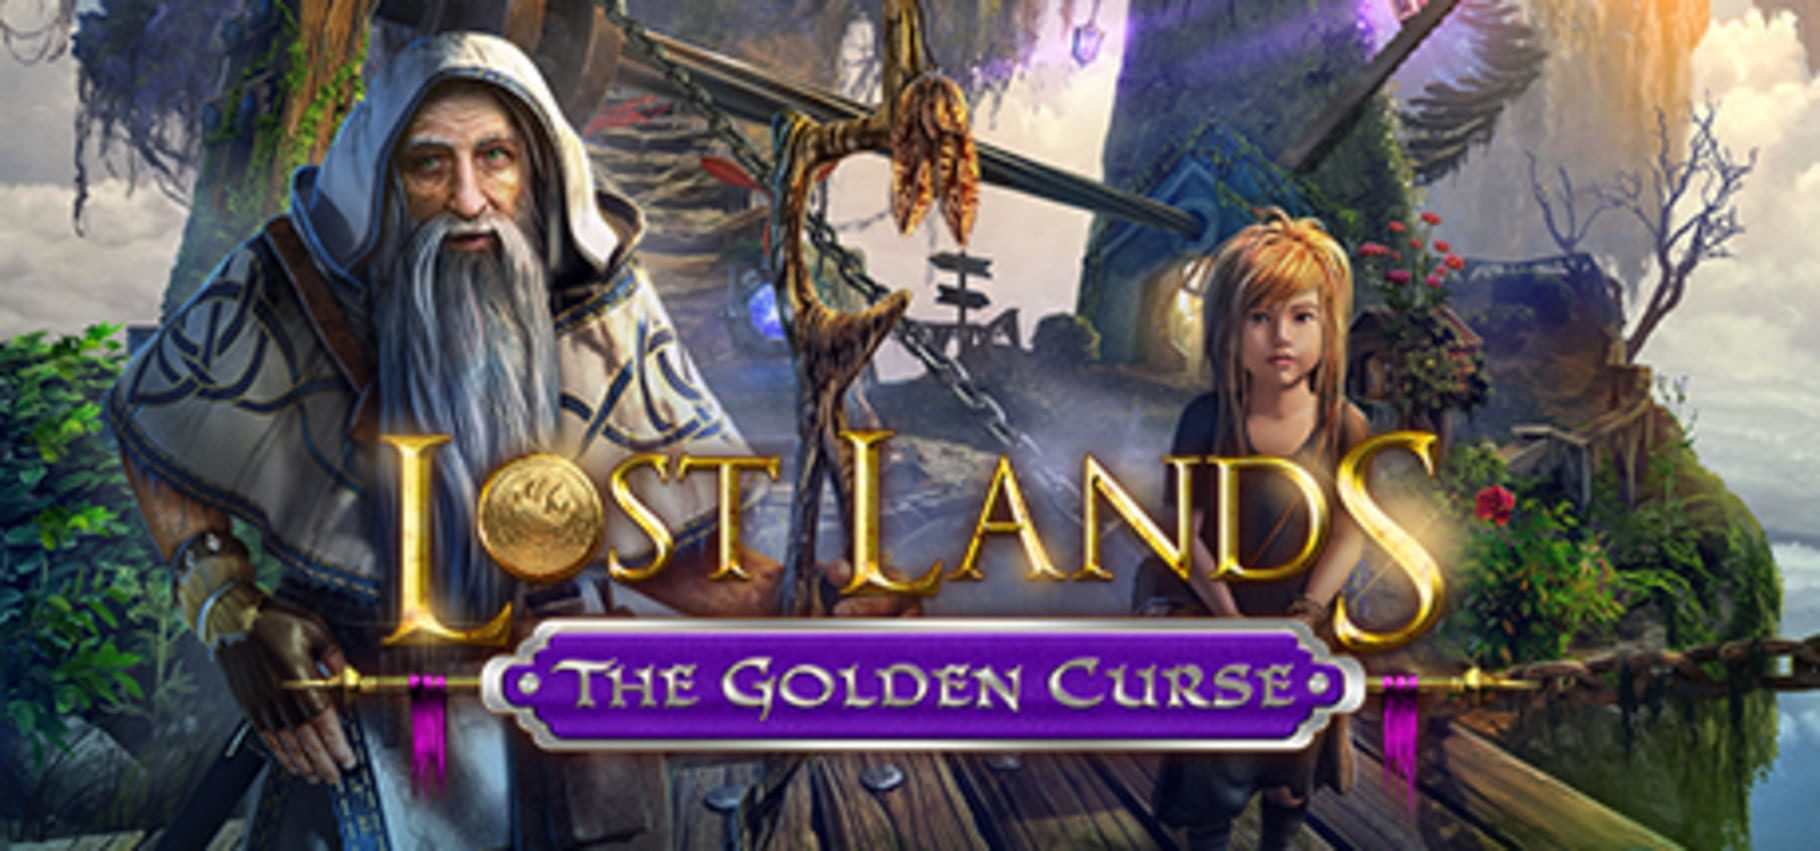 buy Lost Lands: The Golden Curse cd key for all platform